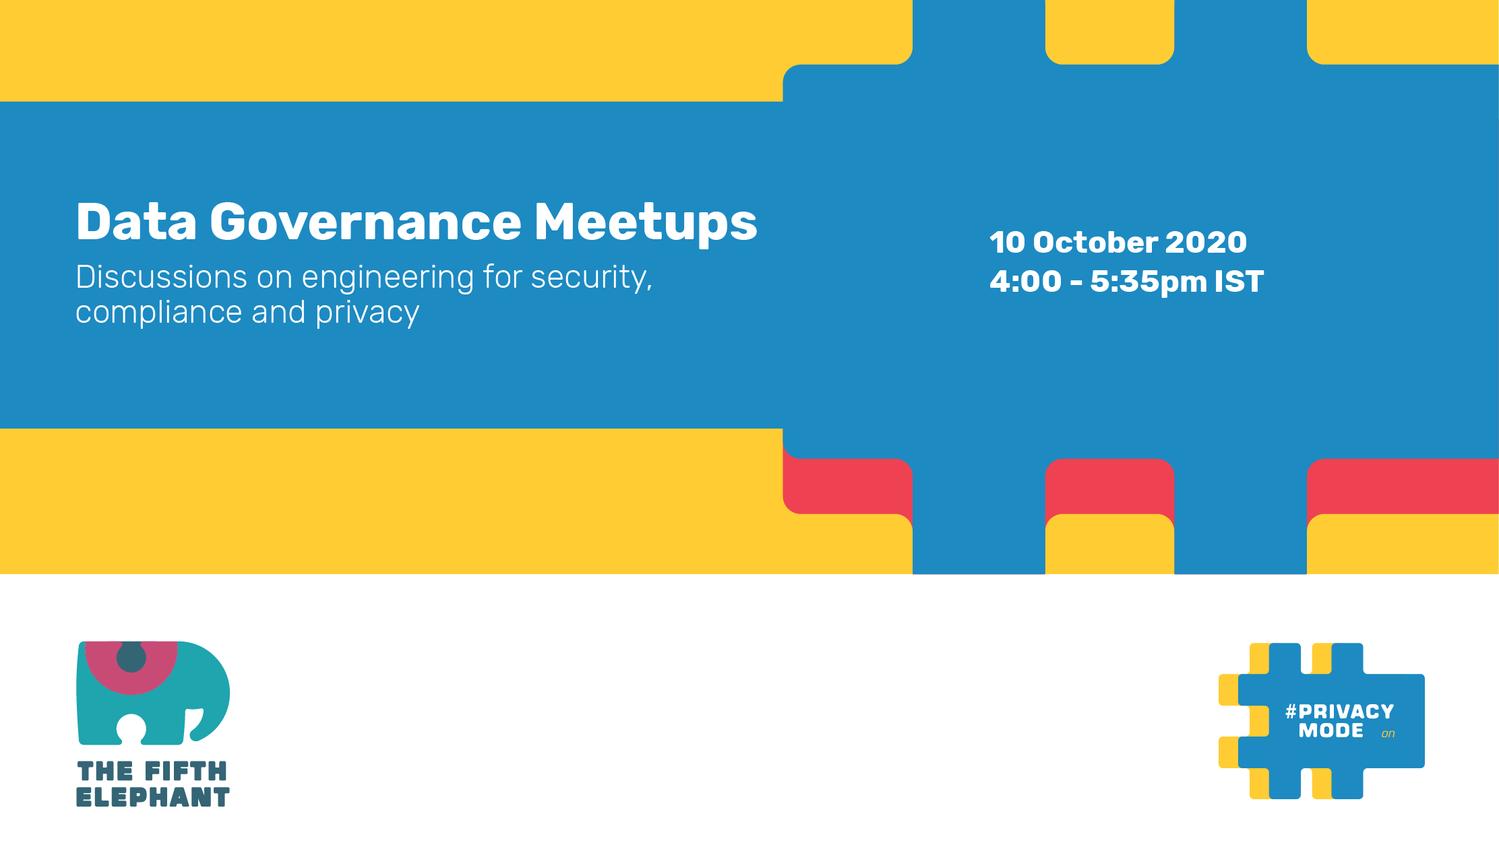 Data Governance Meetups